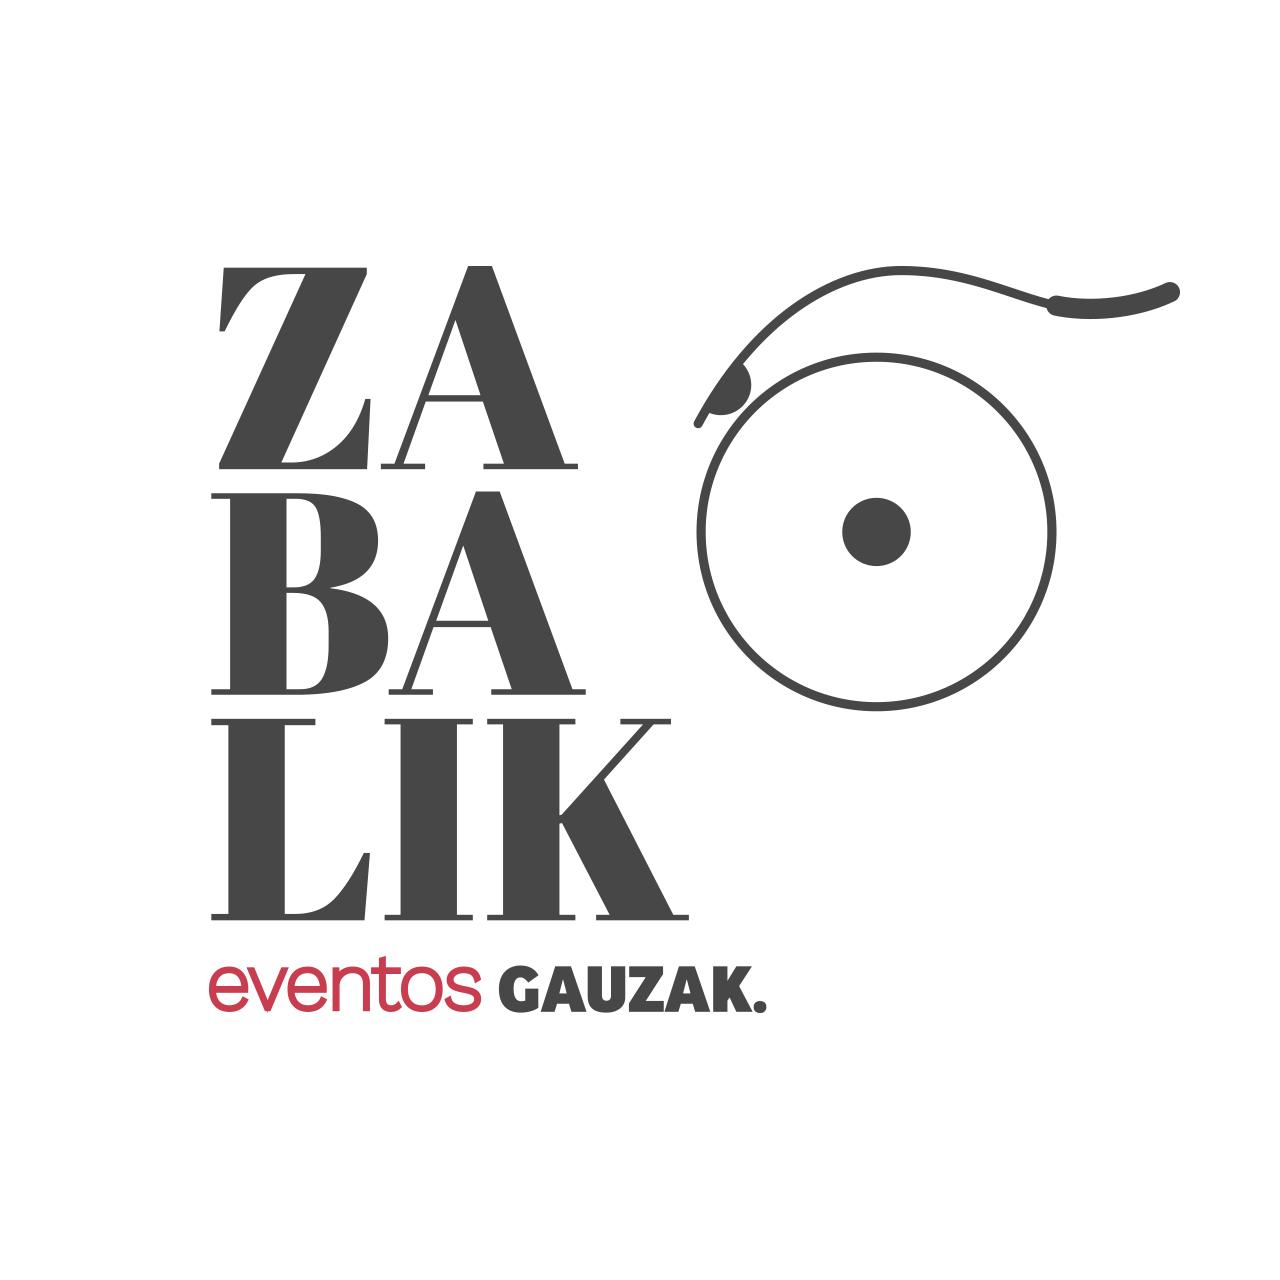 Zabalik, eventos en torno al diseño